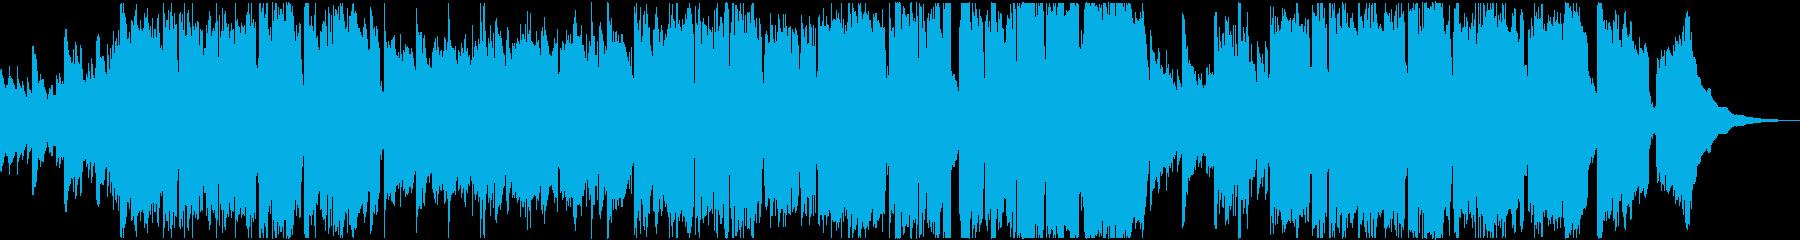 ゆっくり穏やかなケルト系の曲の再生済みの波形